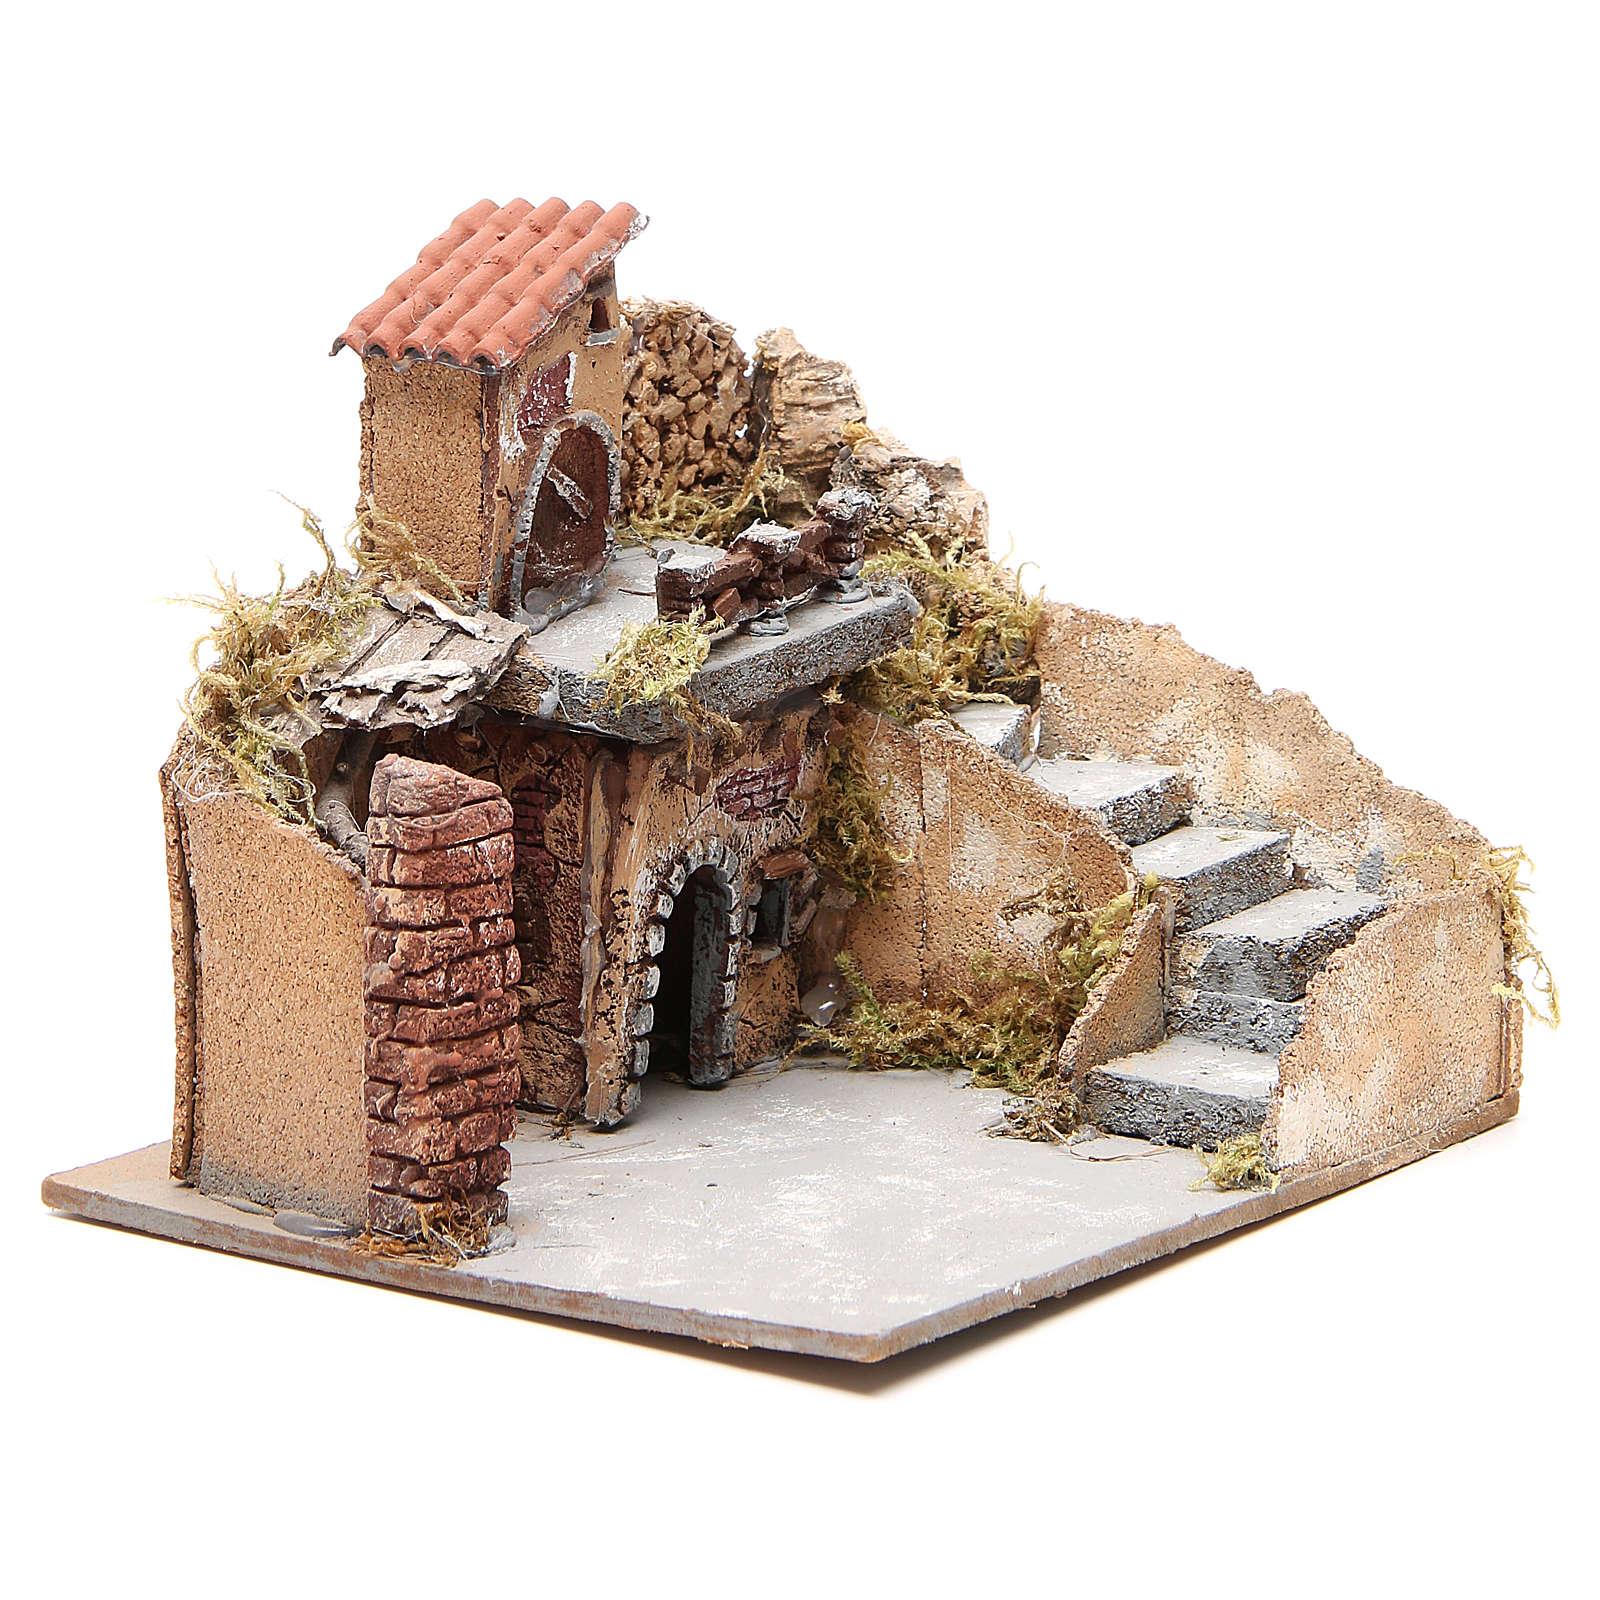 Composizione case sughero legno presepe Napoli 20x23x20 cm 4